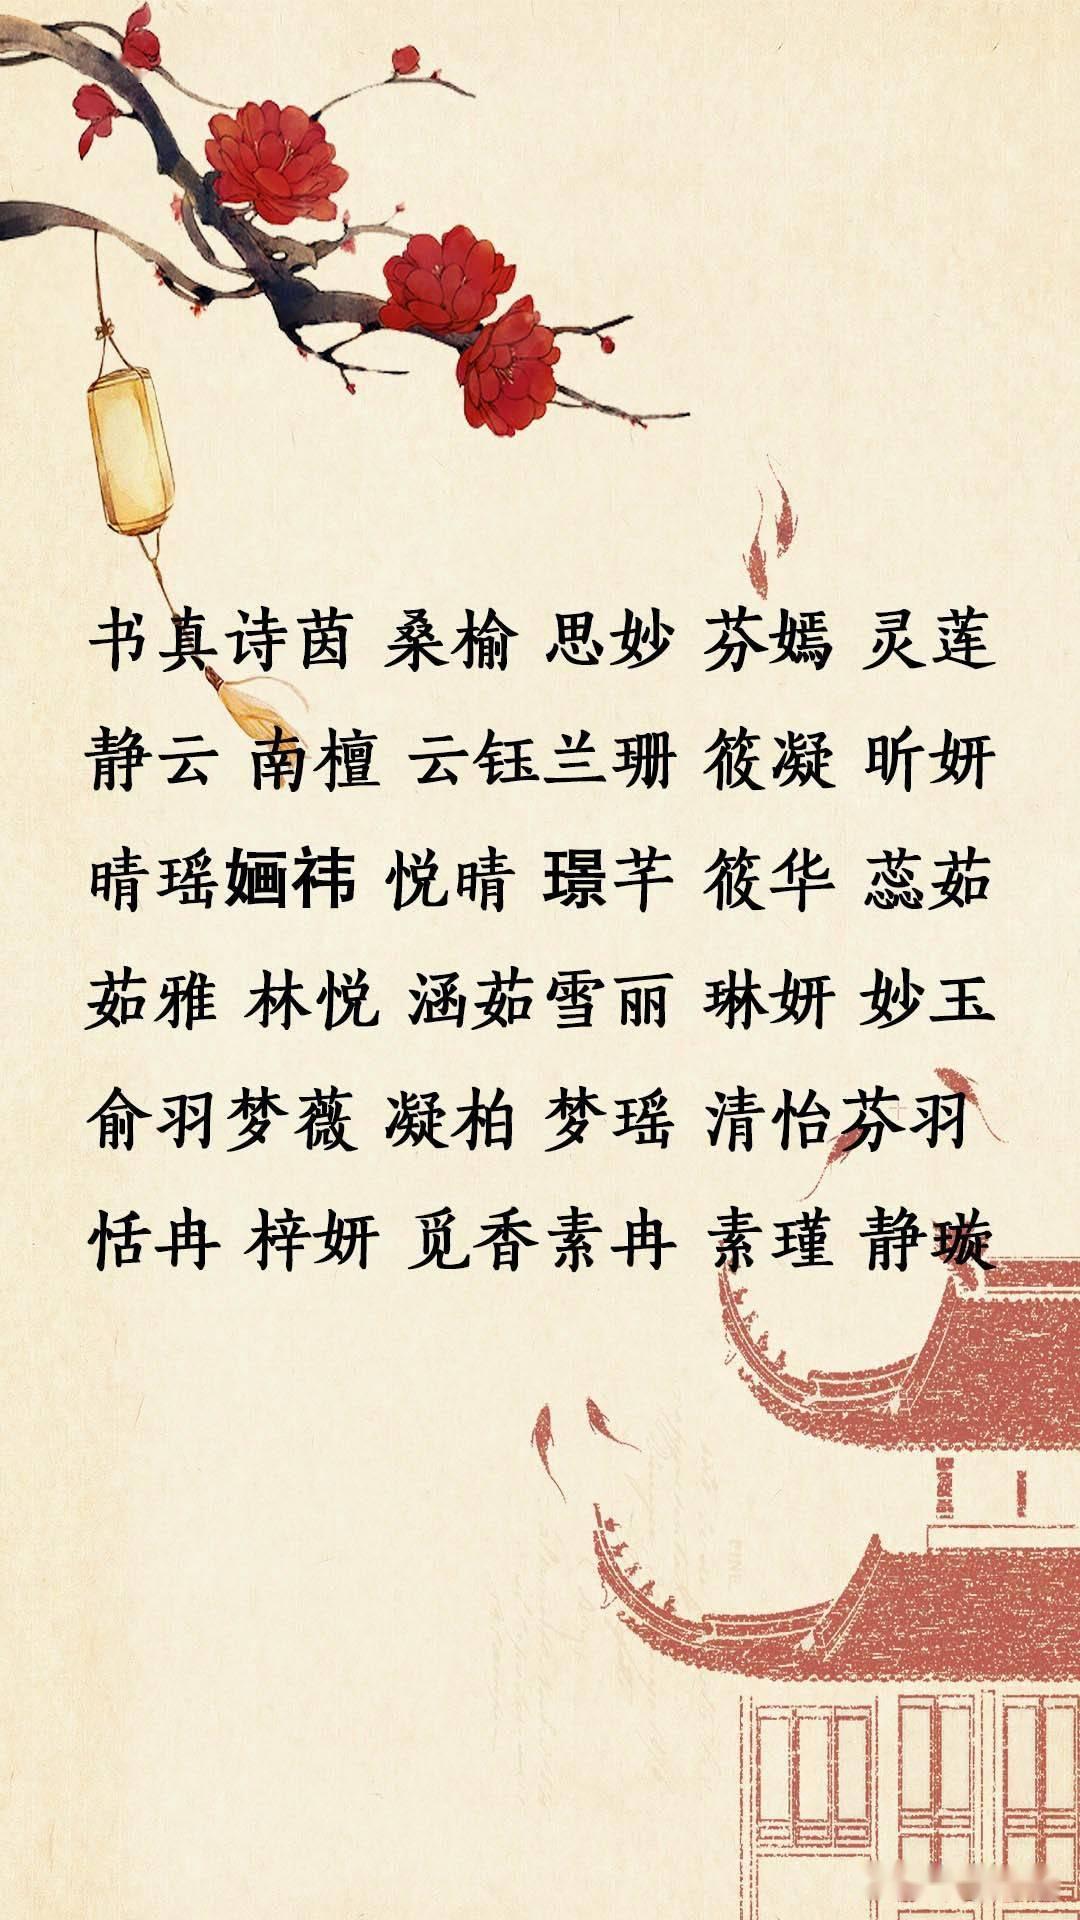 道德经取名:珠圆玉润的女宝名字,读一下都好美  300个出自易经的好名字